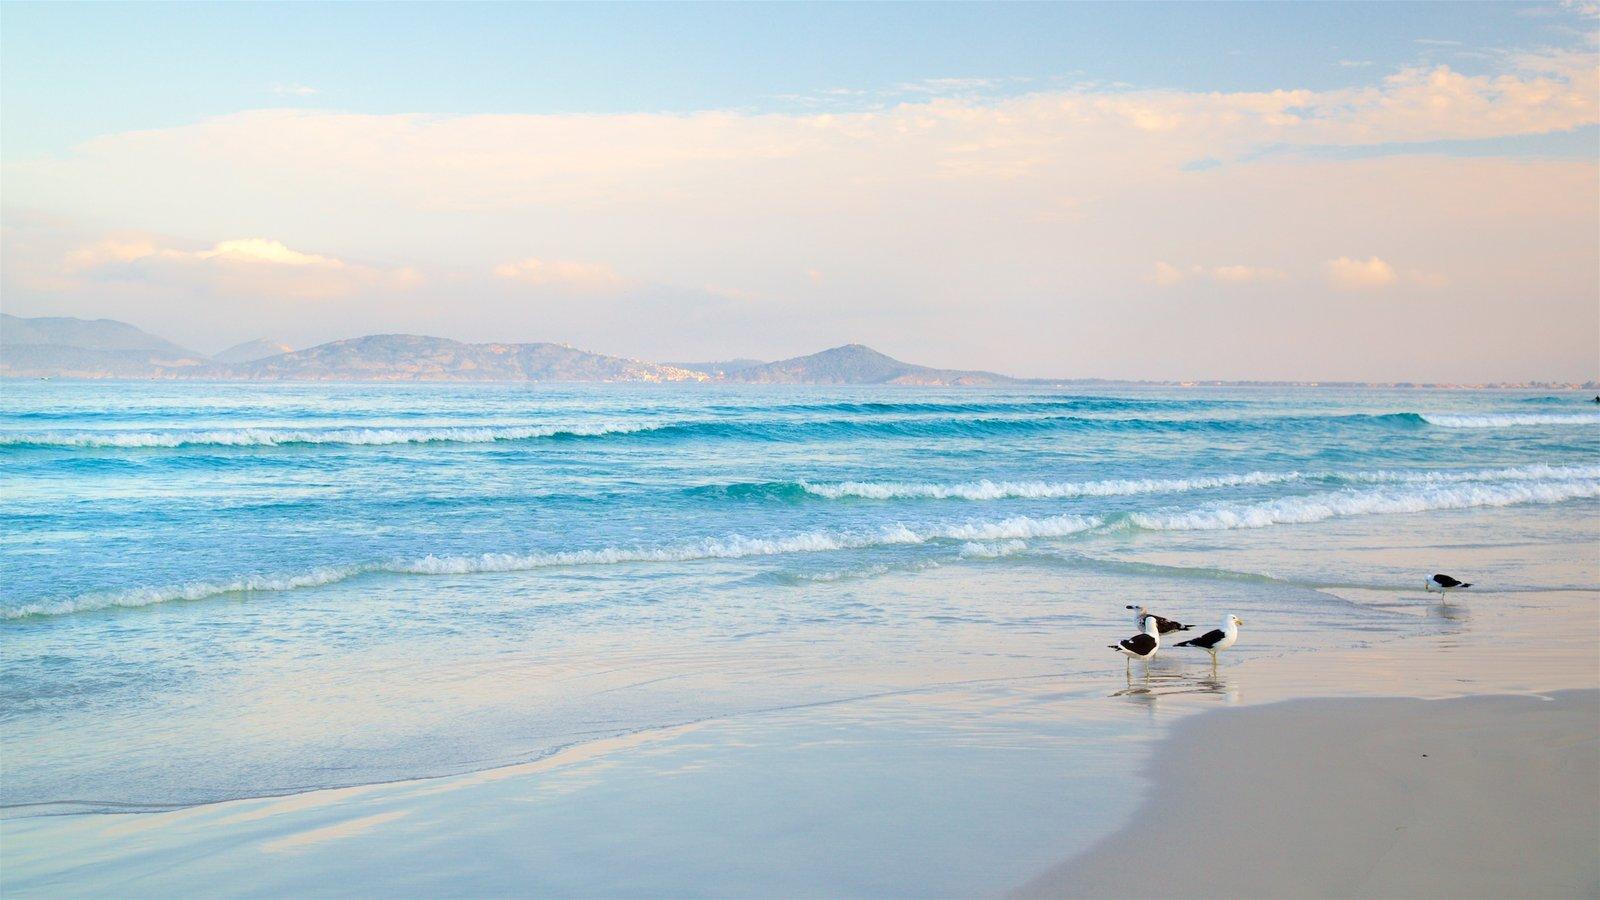 Praia do Forte caracterizando um pôr do sol, paisagens litorâneas e paisagem